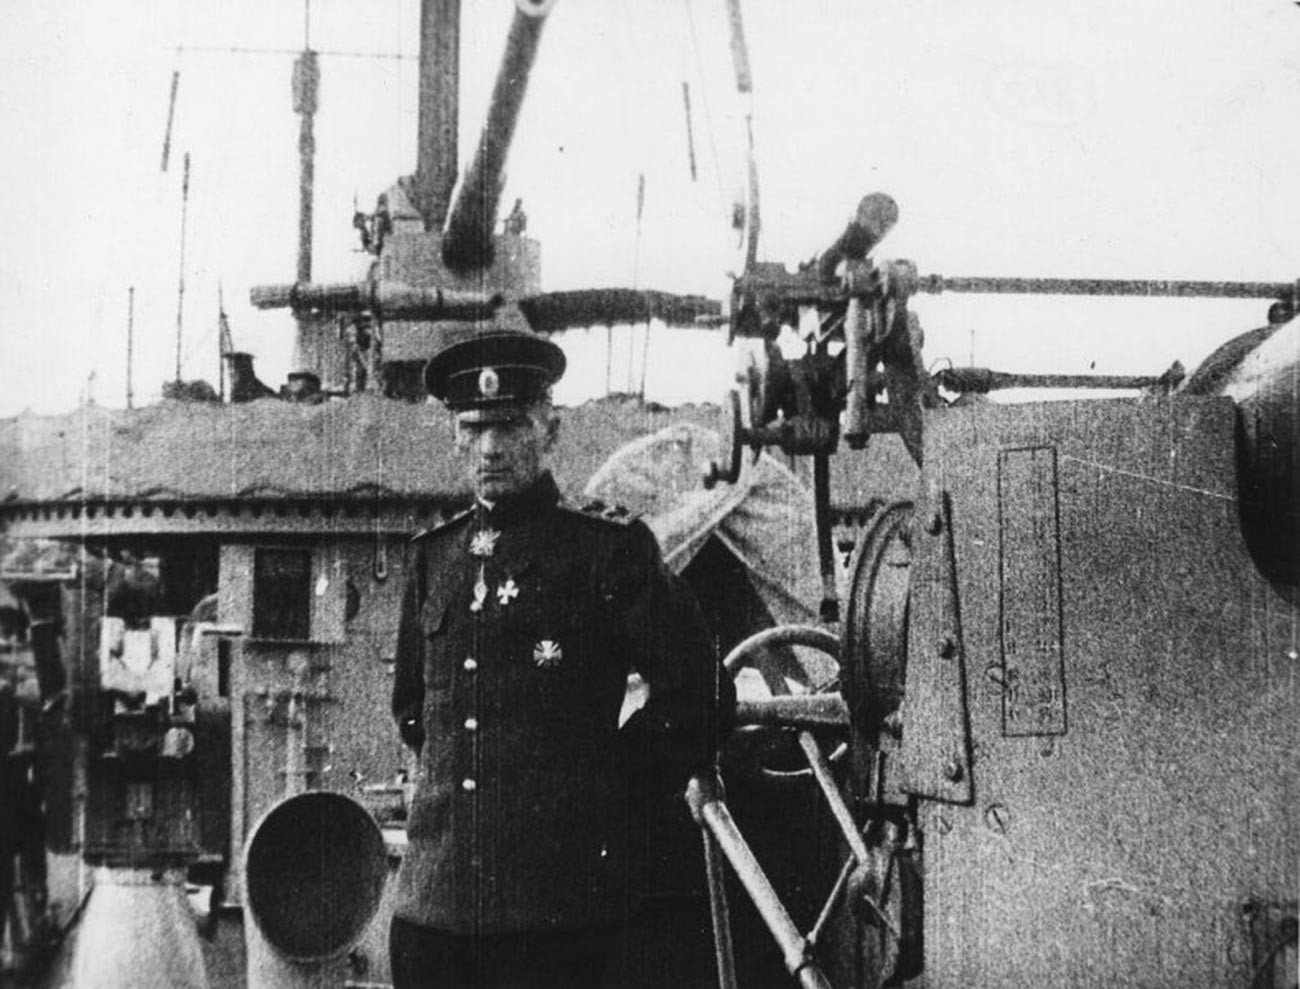 Командующий Черноморским флотом адмирал Александр Колчак.